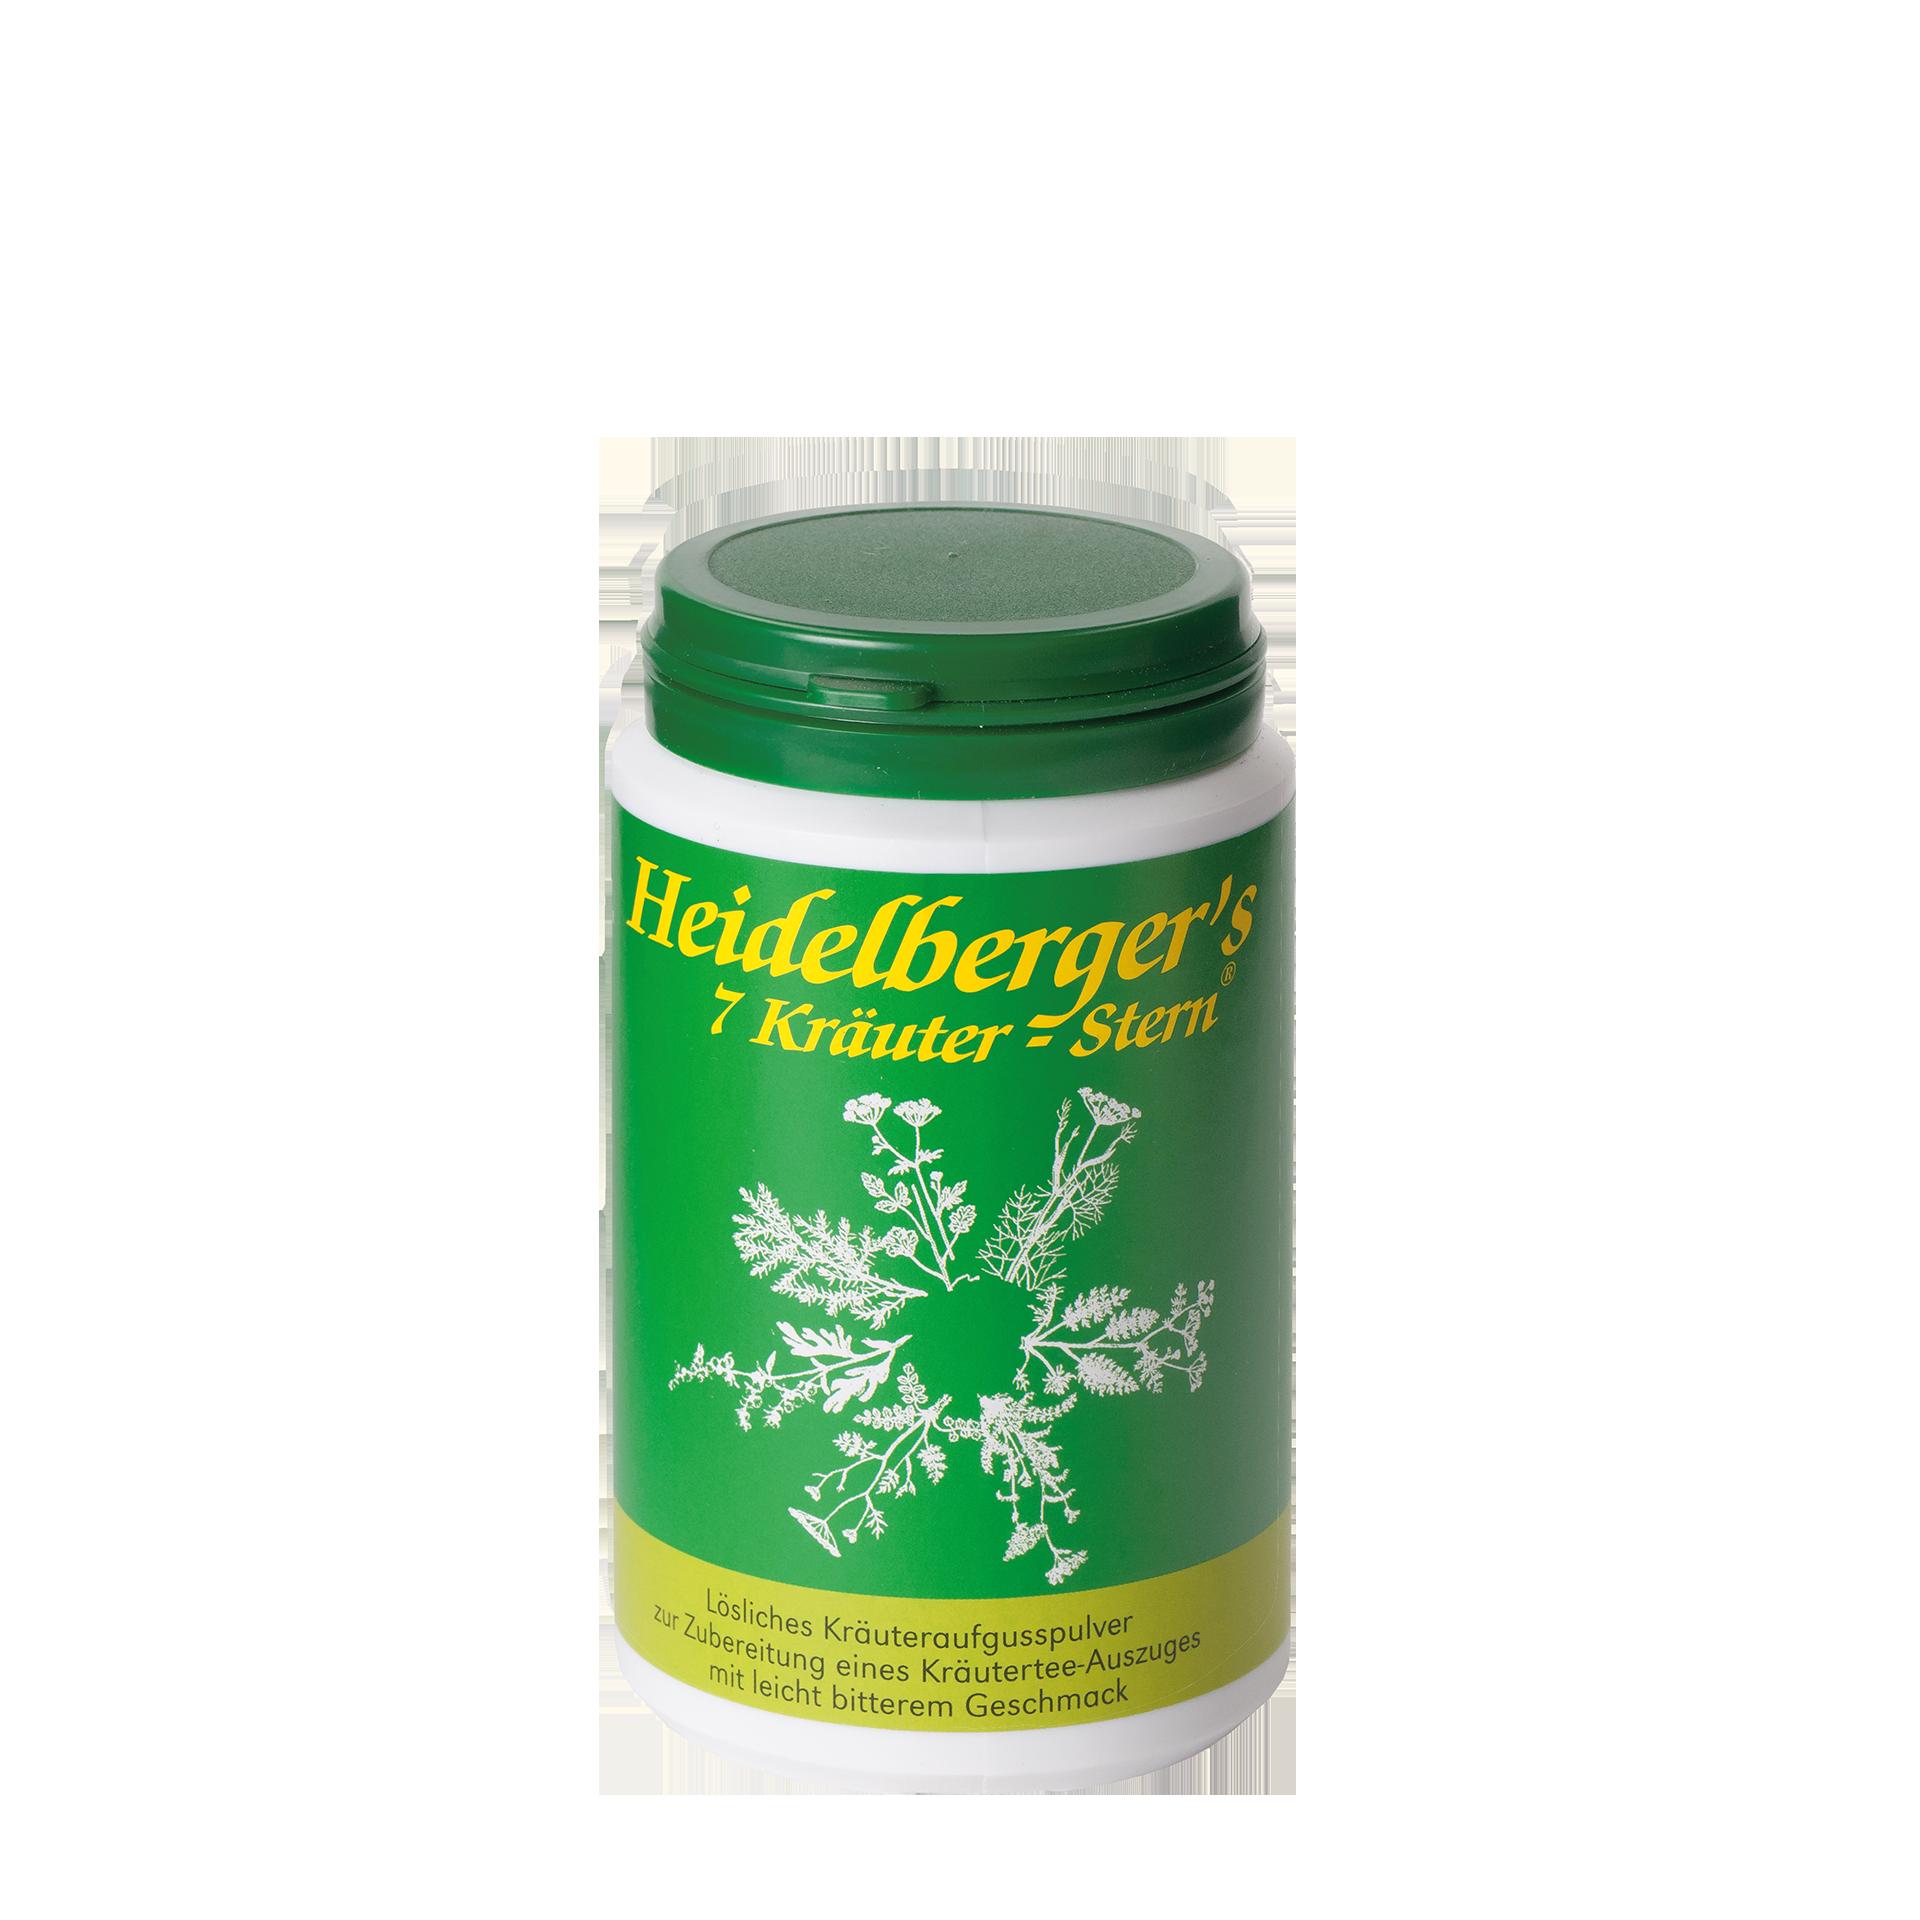 Heidelberger's 7 Kräuter Stern, 100 g